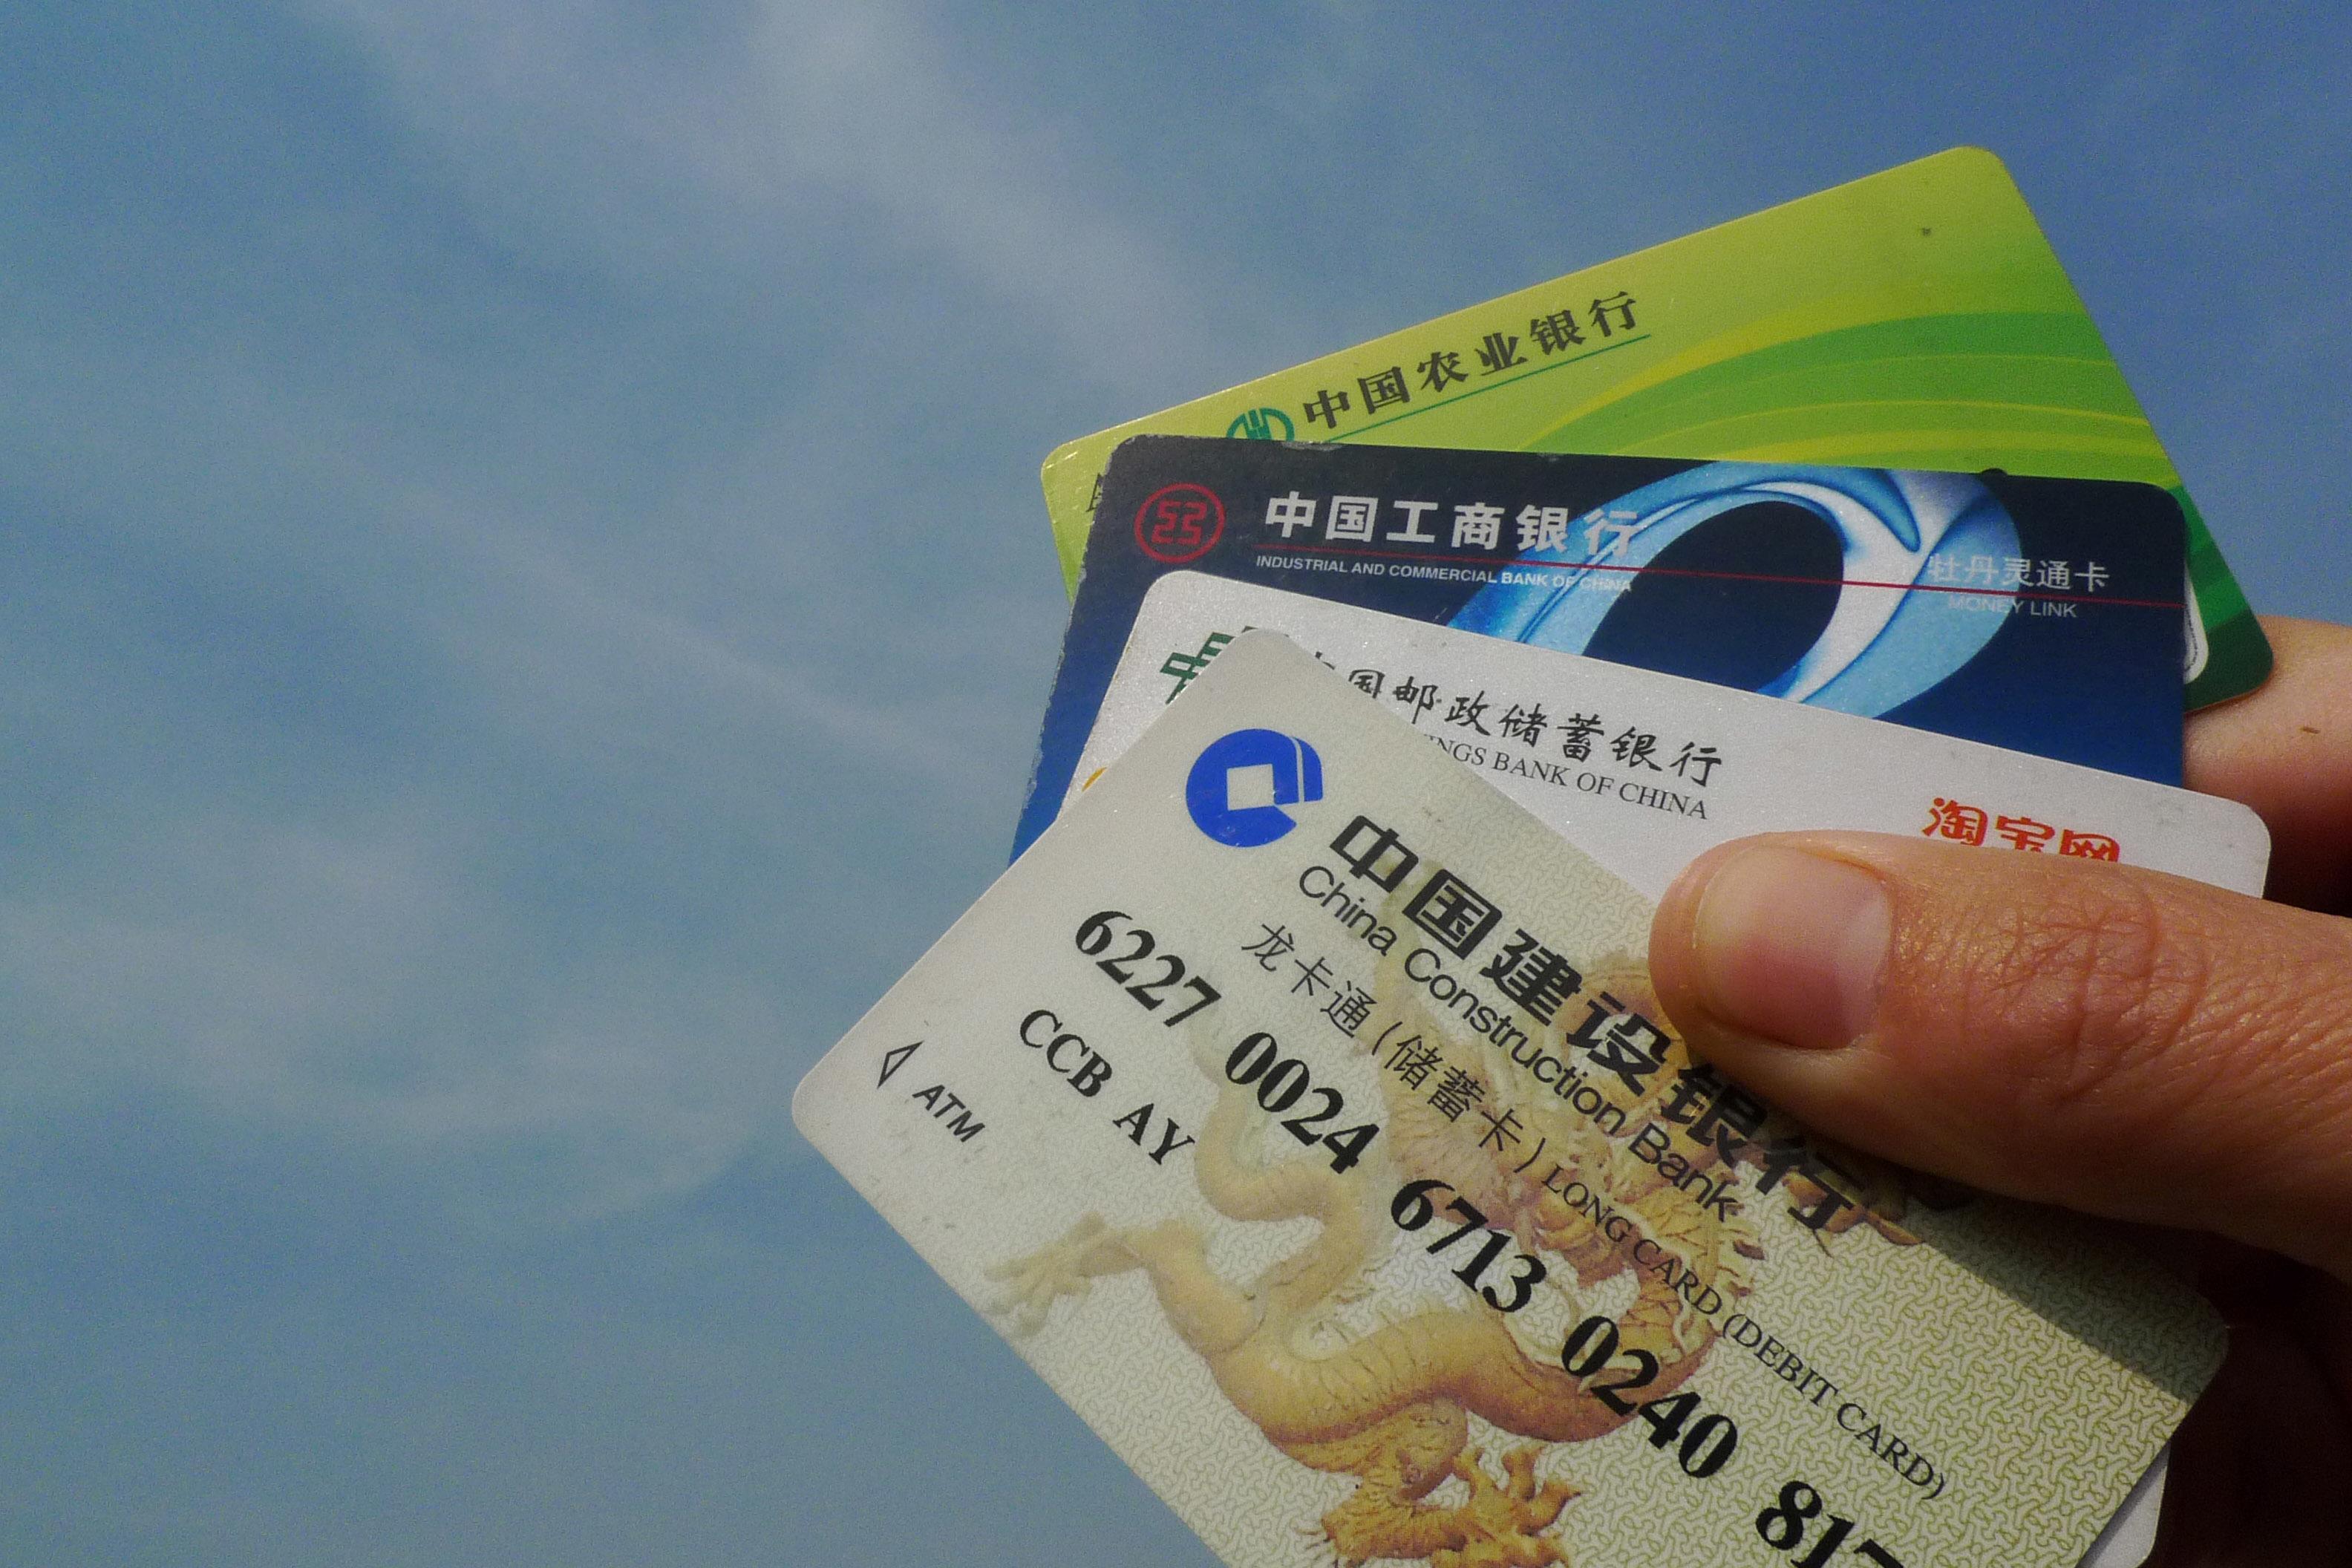 工行最值的办的信用卡,白金卡和金卡两个卡种!